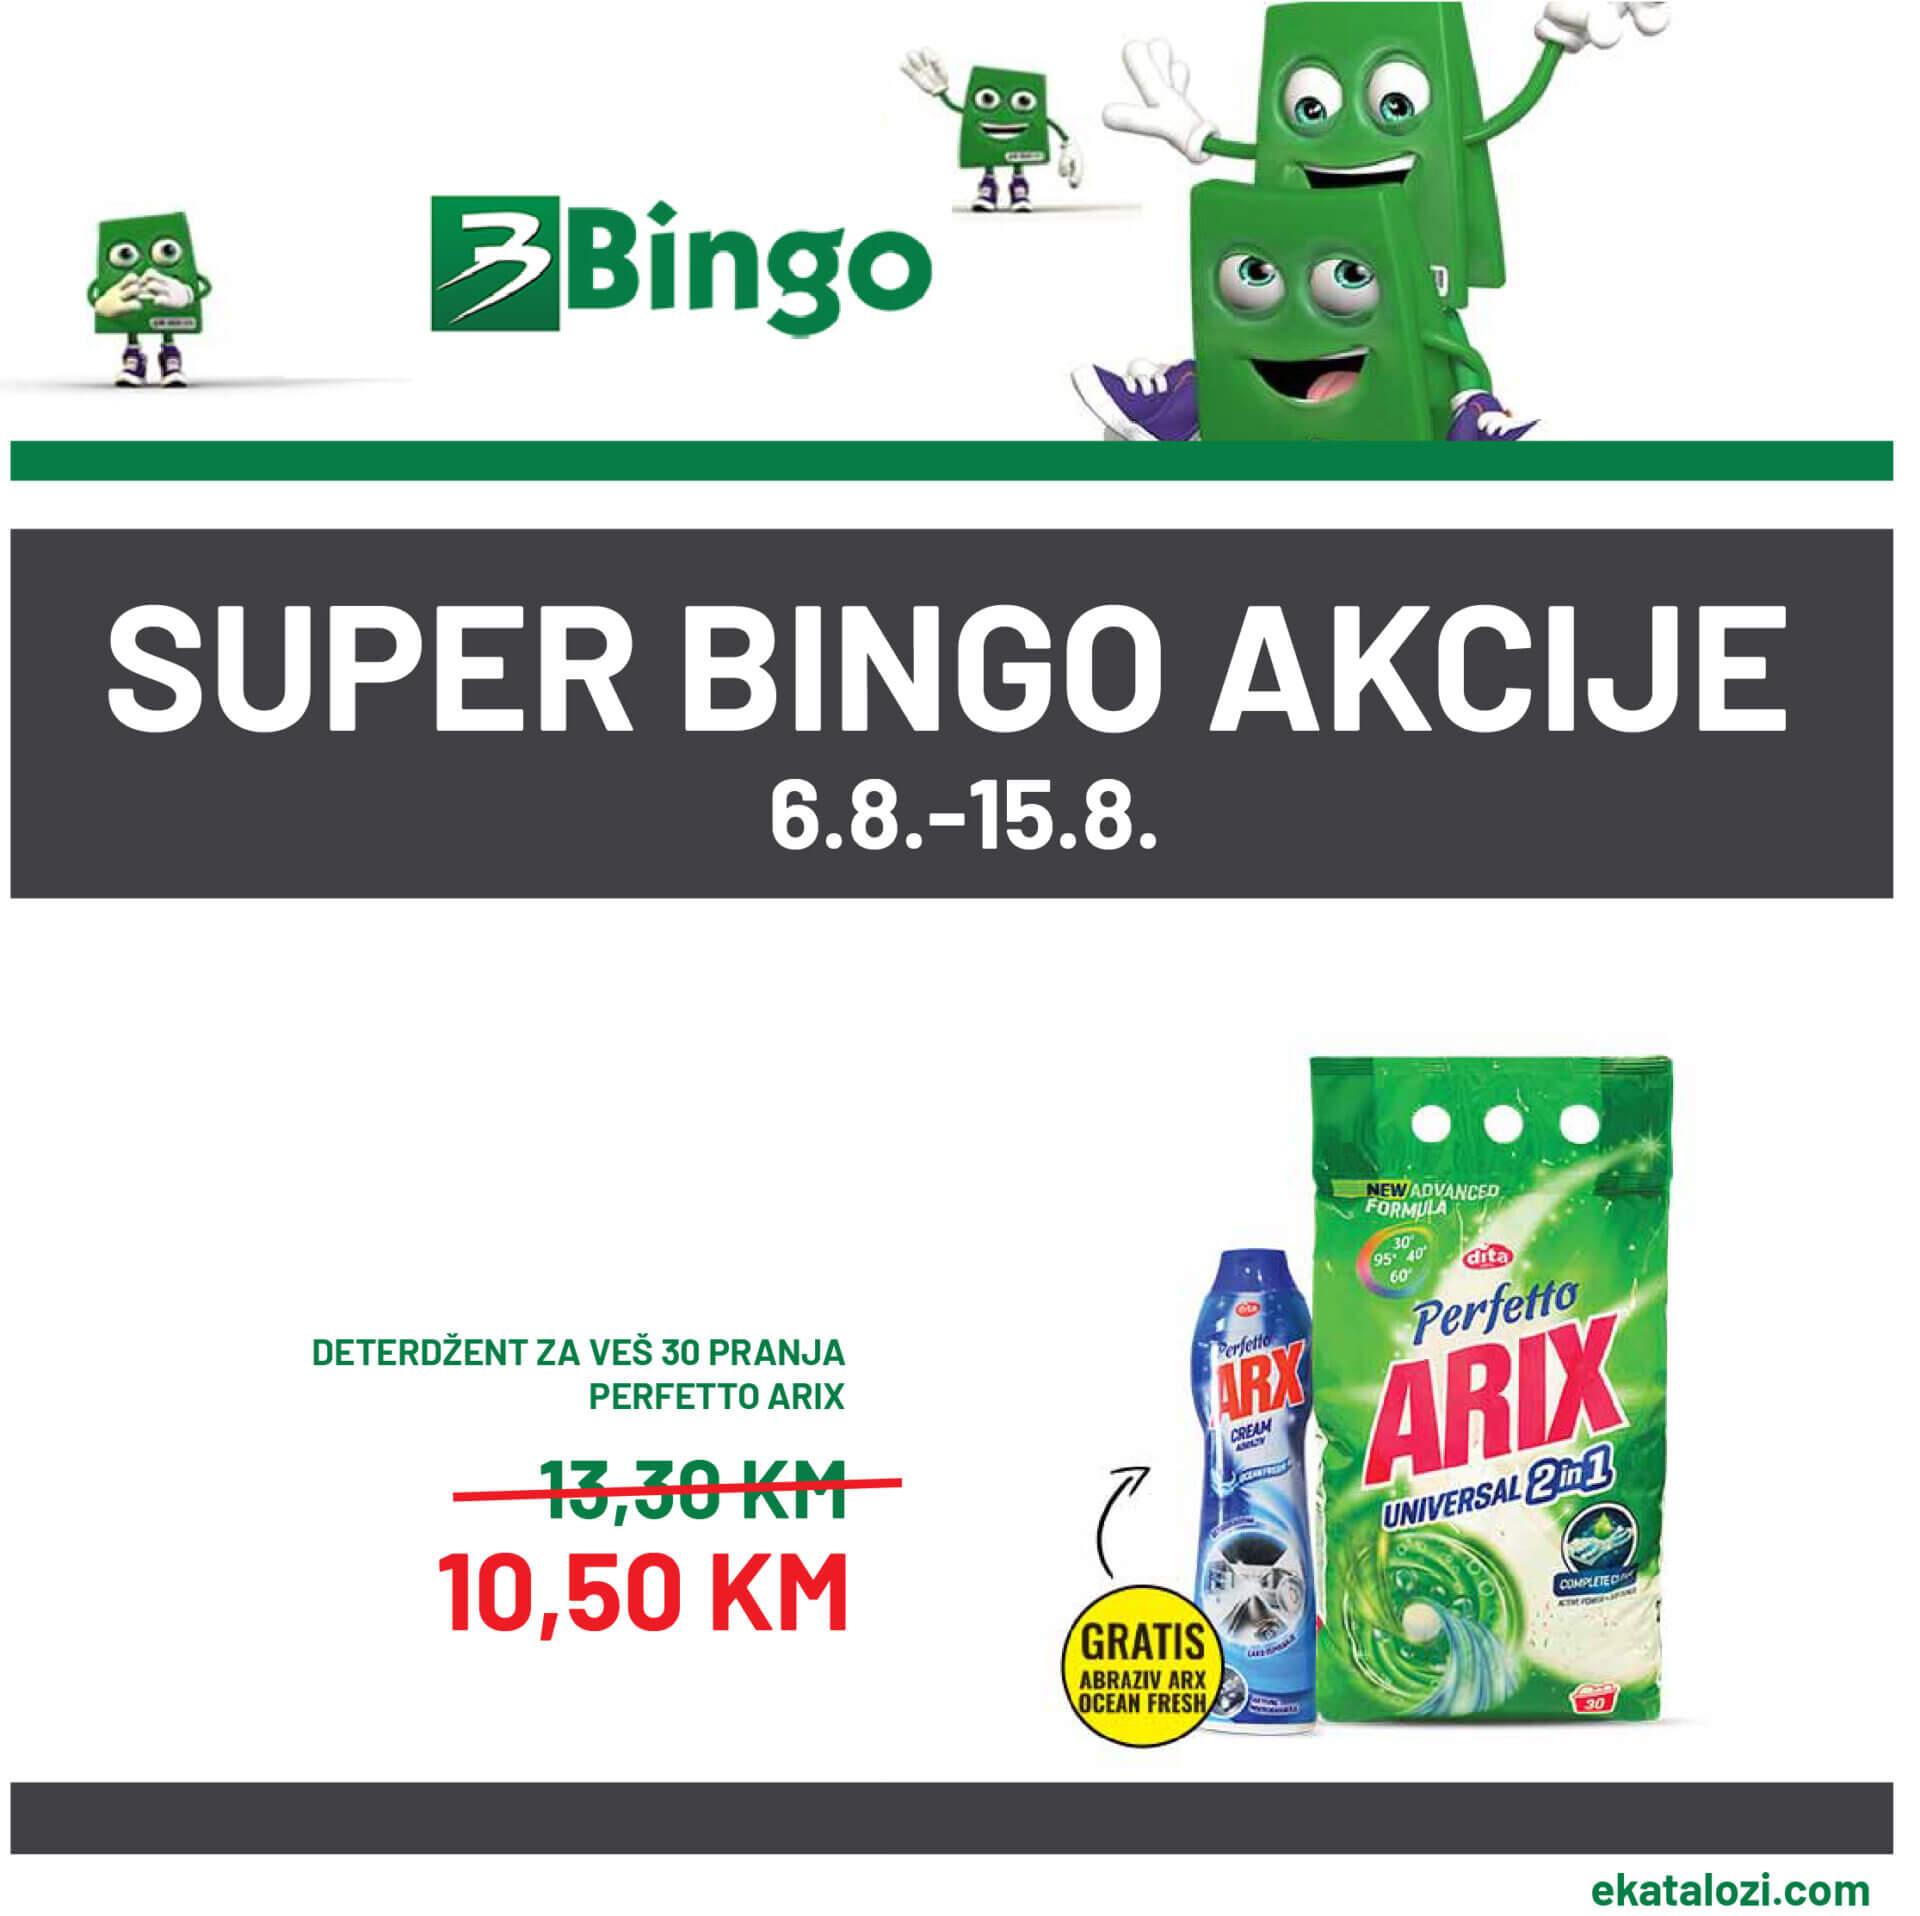 Bingo akcija 6.8. 15.8. 01 1